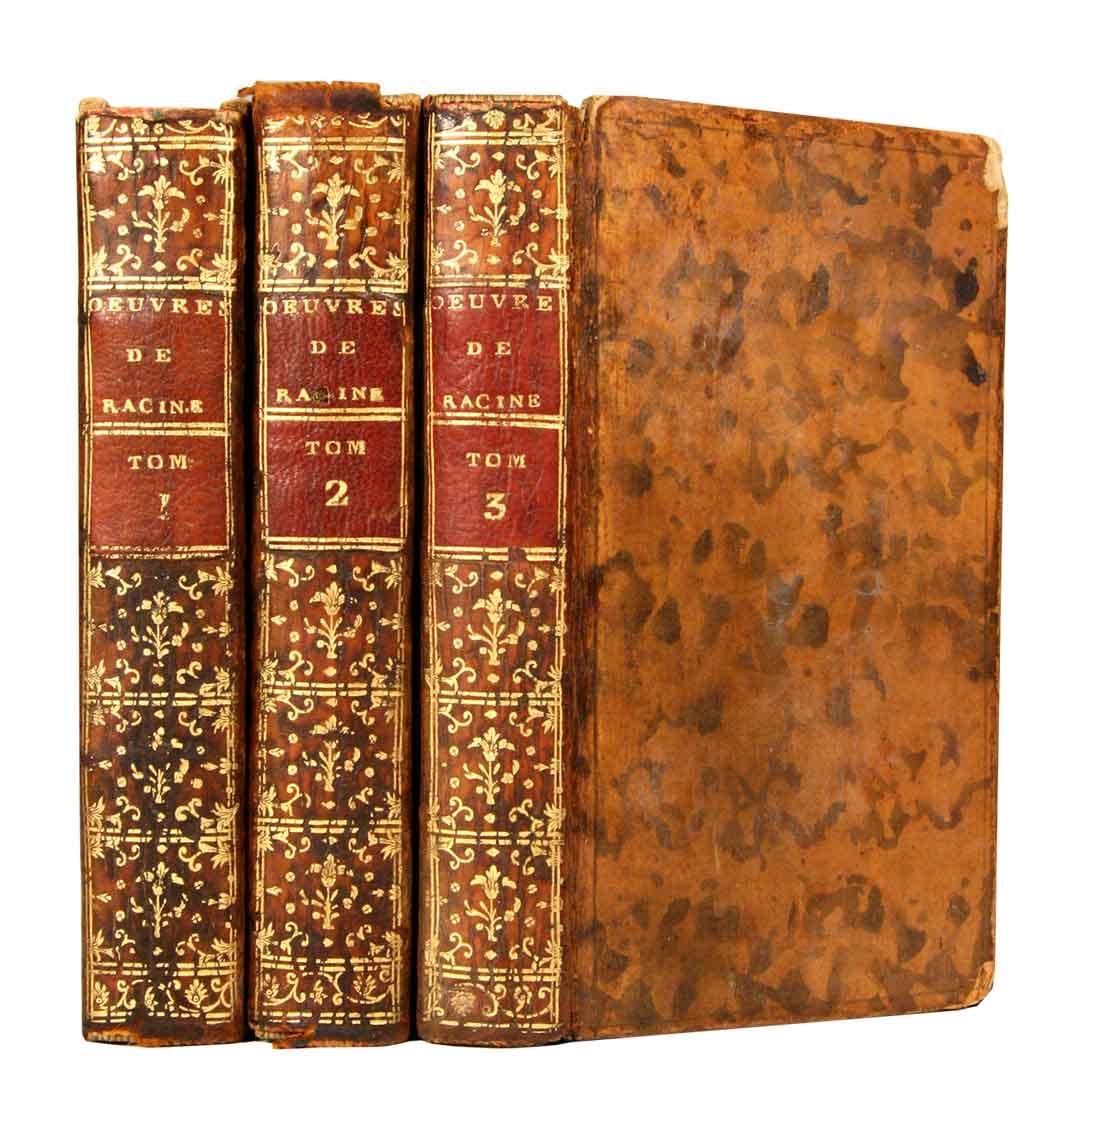 RACINE, JEAN: - Oeuvres. Nouvelle edition, plus correcte & plus ample que les précédentes.  En 3 volumes.